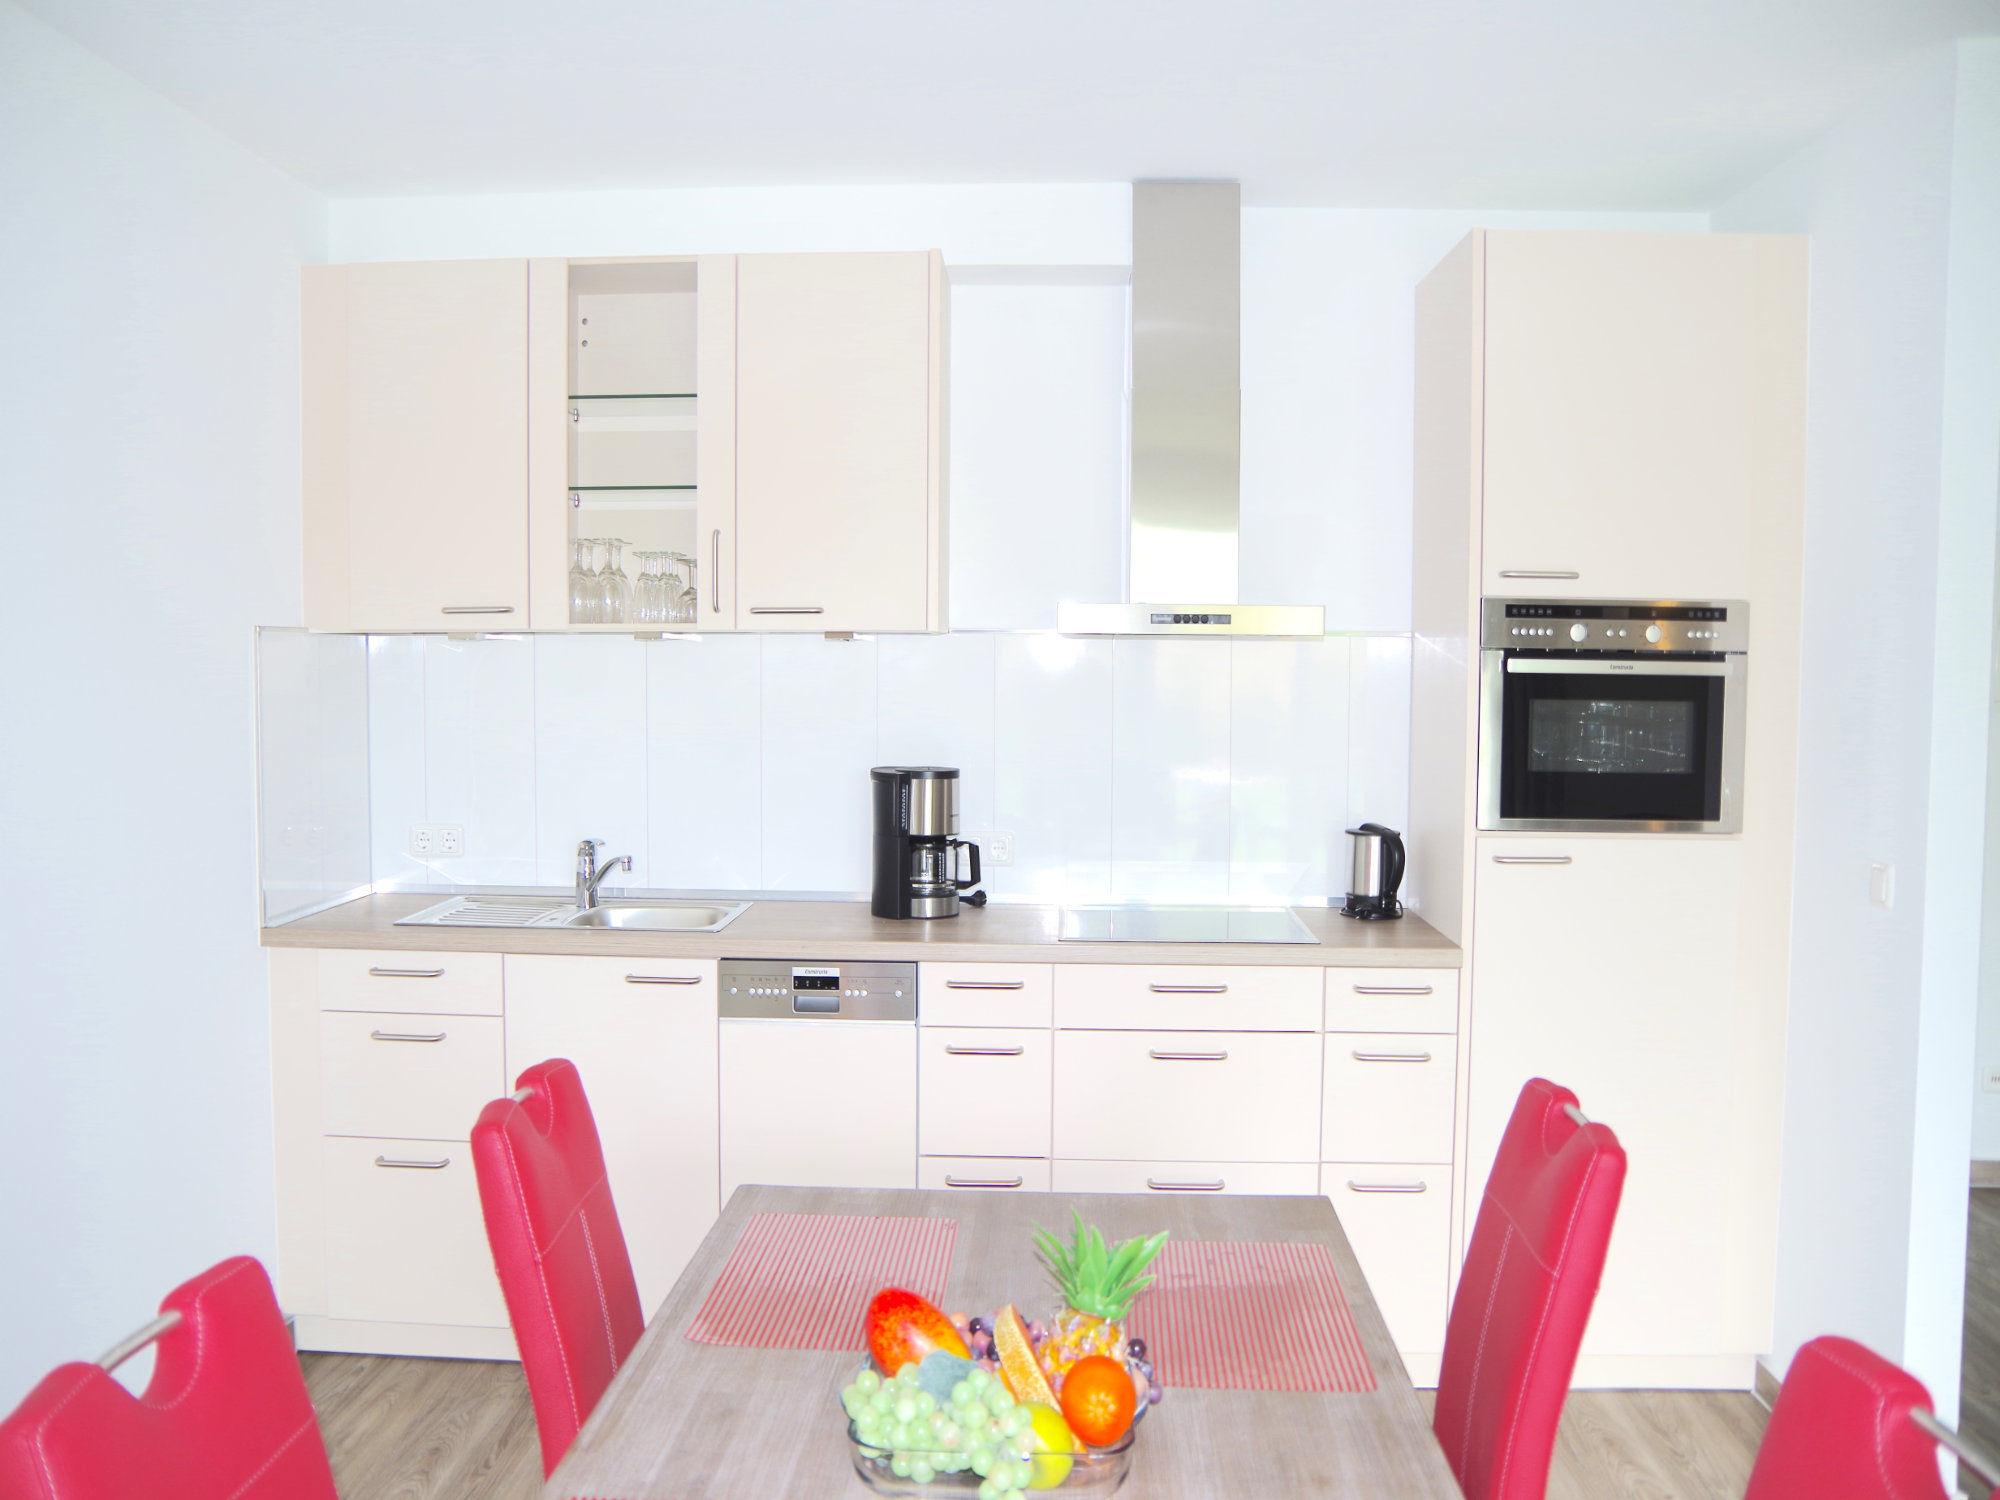 Esstisch mit vier Stühlen, dahinter ist eine moderne Küchenzeile mit elektrischen Geräten.